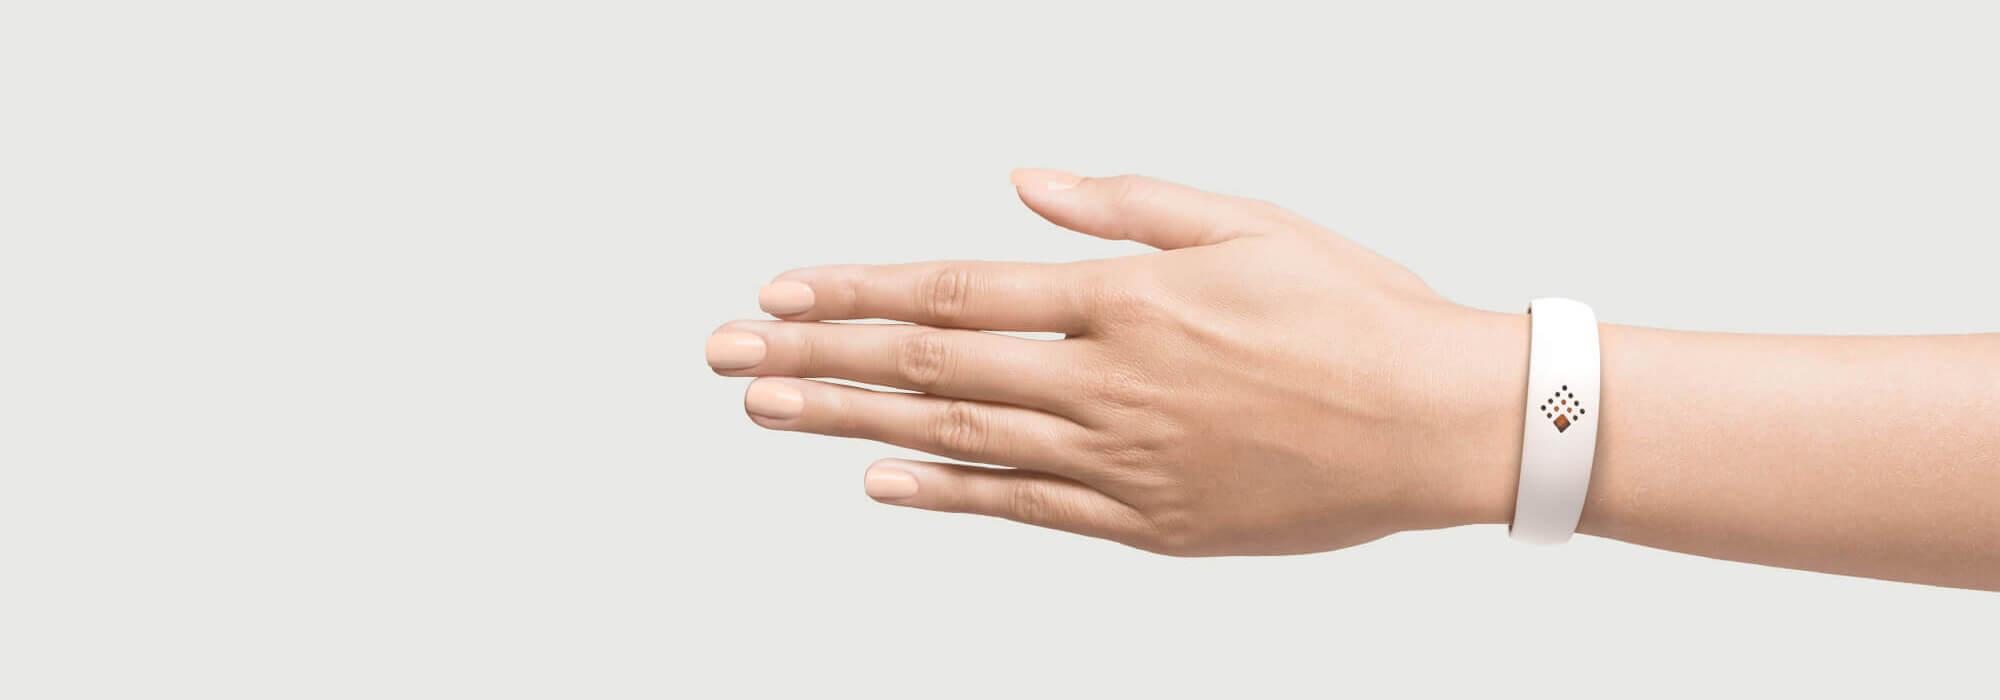 Balta AMBRIO aproce uz sievietes rokas